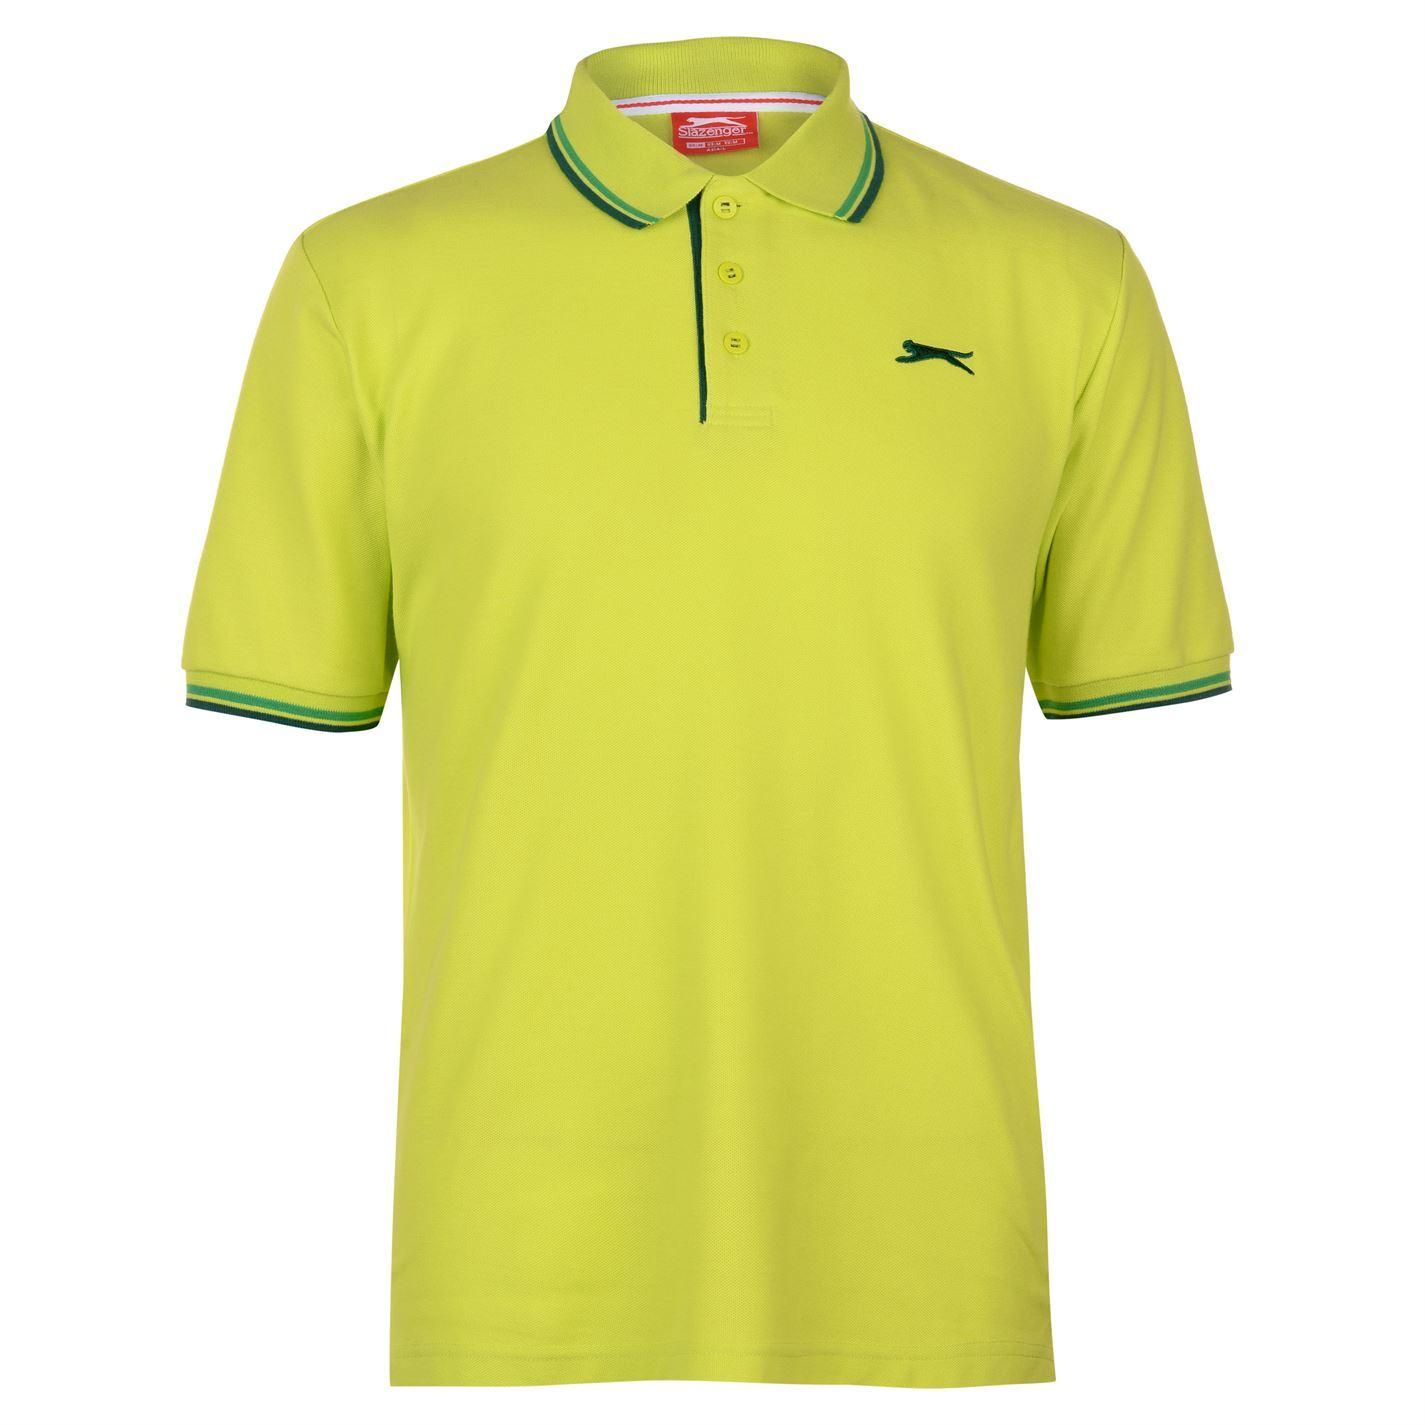 Slazenger-Polo-Camisa-de-hombre-con-cuello-con-Punta-T-Shirt-Top-Camiseta-Tee miniatura 48